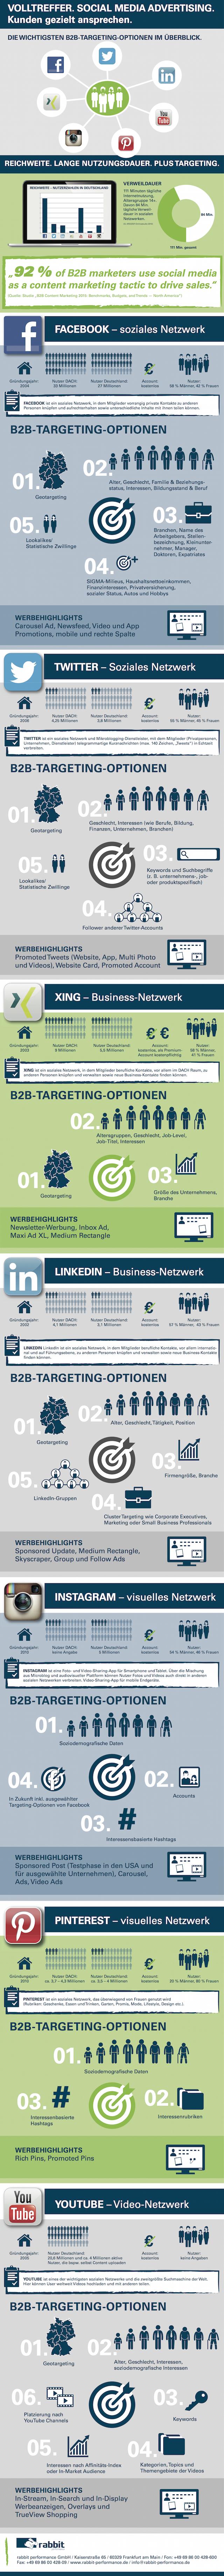 Social Media Advertising, Social Media Marketing